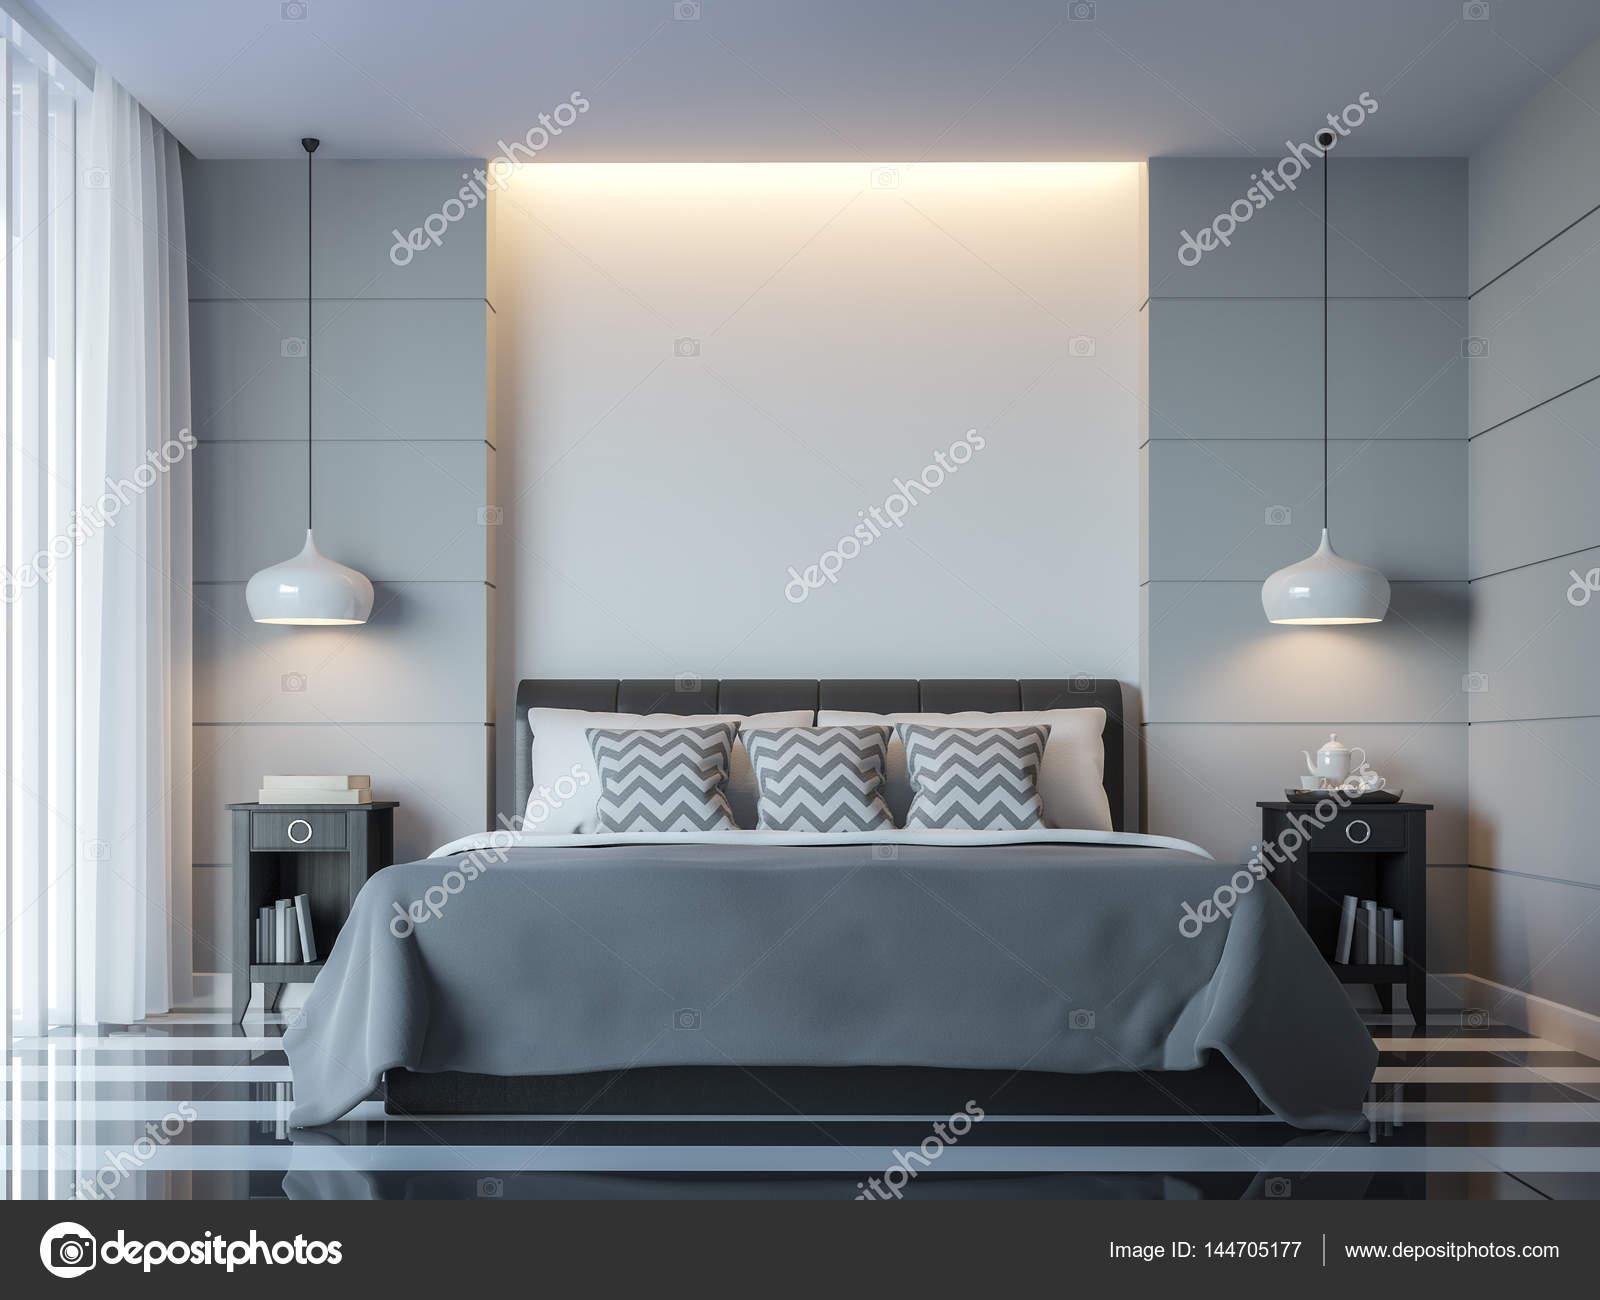 Moderne Weiße Schlafzimmer Minimalstil 3D Rendering Image.There Weiße Leere  Wand. Dekorieren Sie Zimmer Mit Schwarz Weiß Grau Und Verborgene Licht An  Wand ...